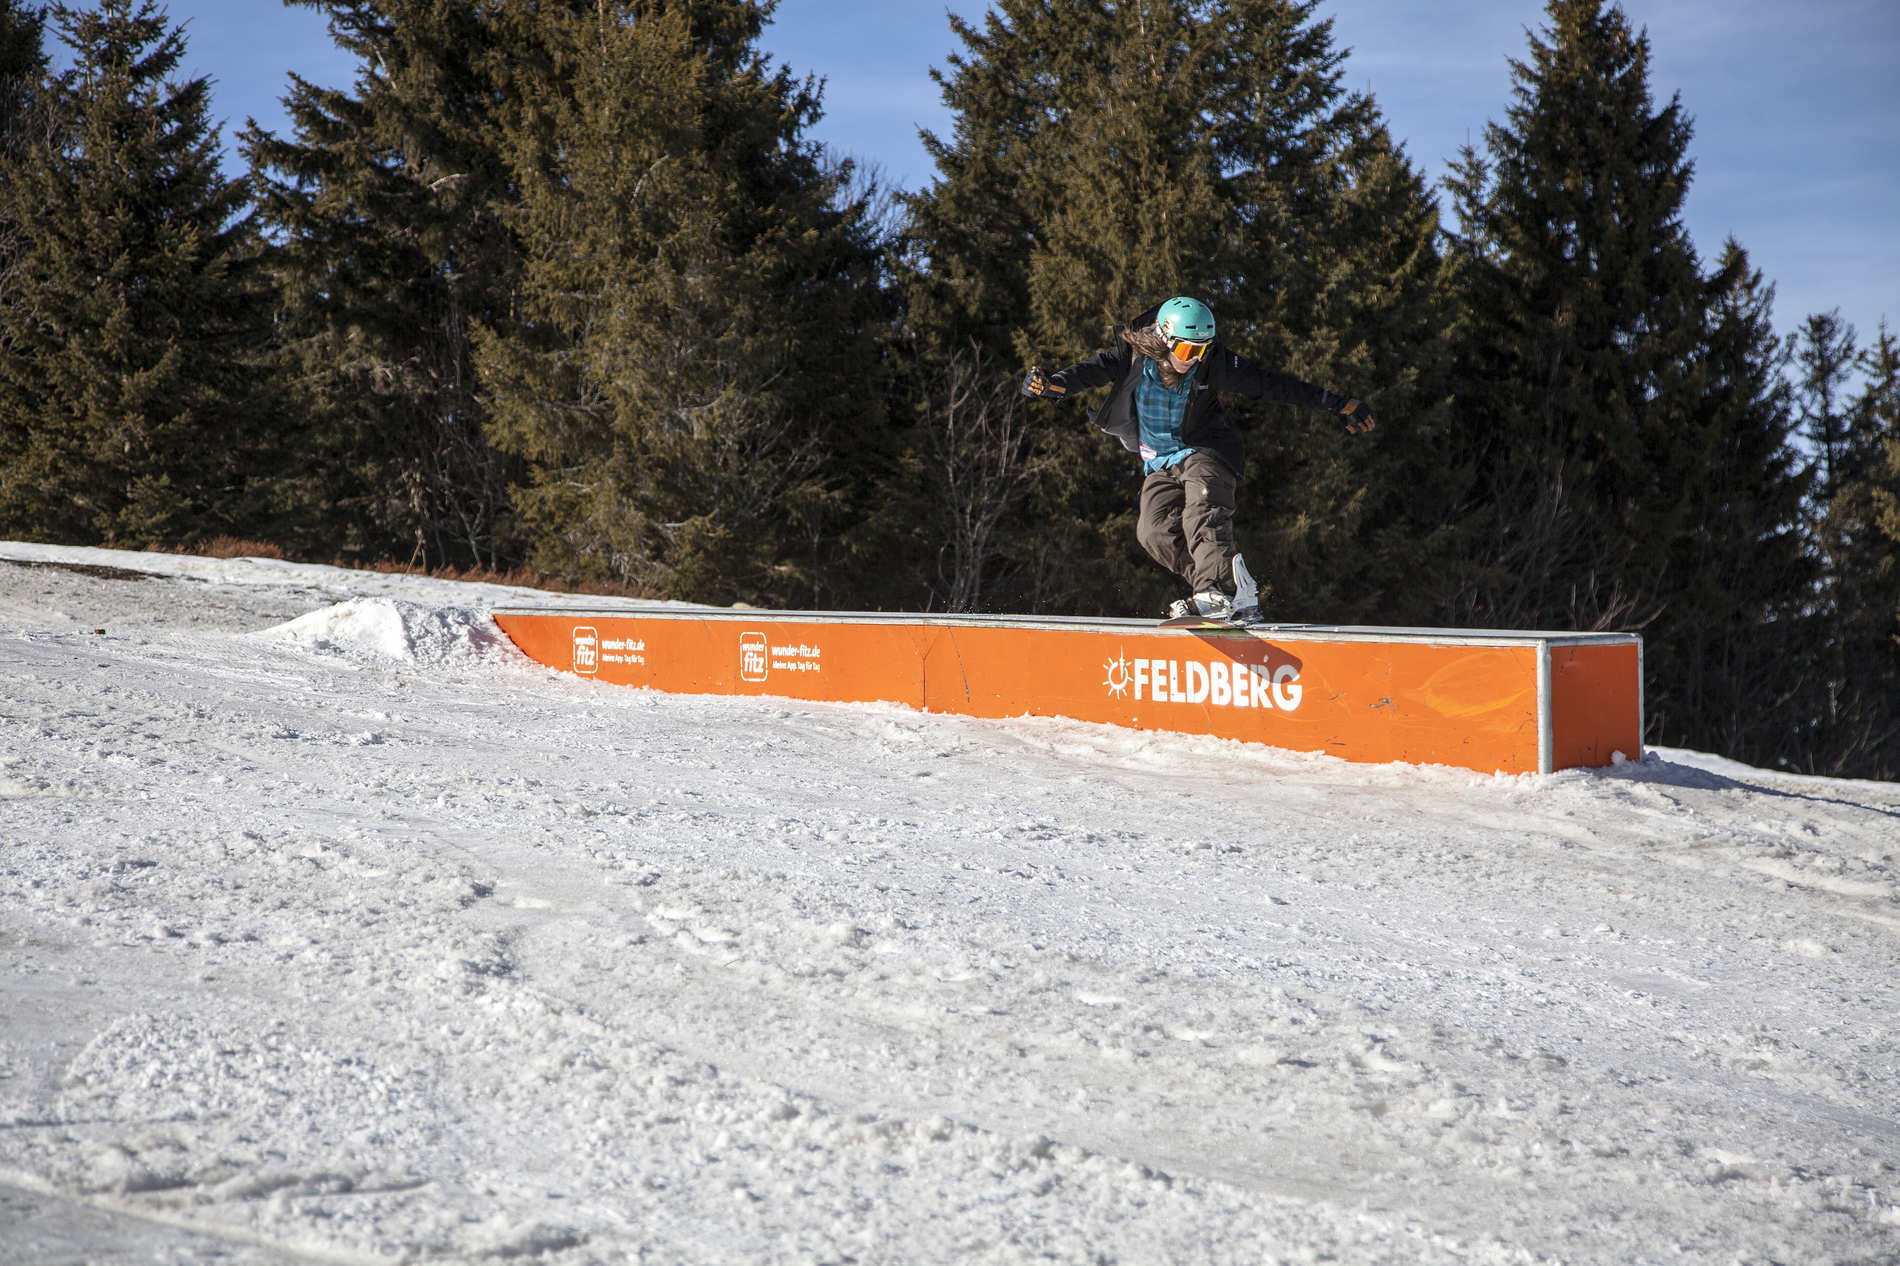 web snowpark feldberg 25 02 2017 action sb resi martin herrmann qparks 47